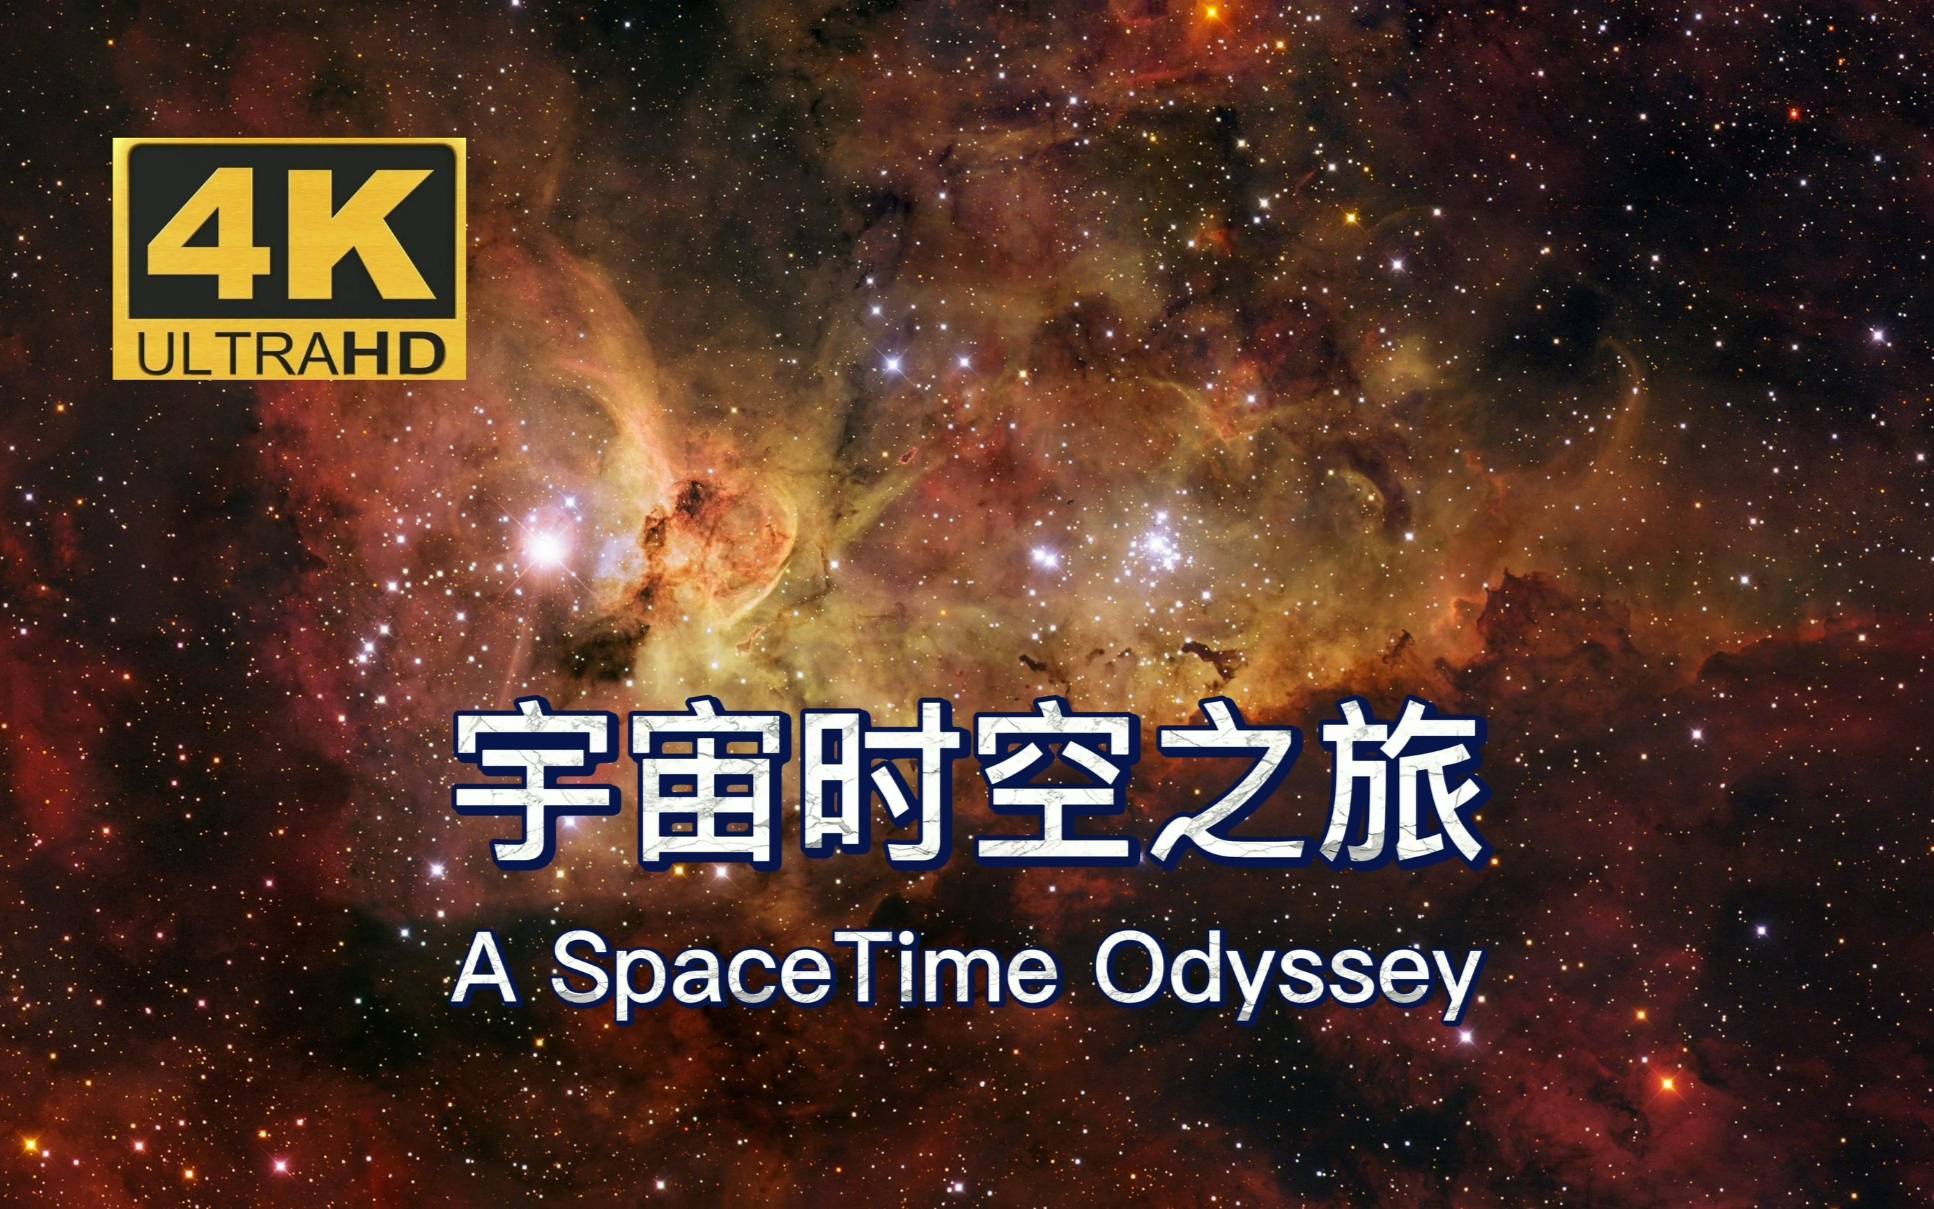 【4K 60帧】5分钟宇宙时空之旅